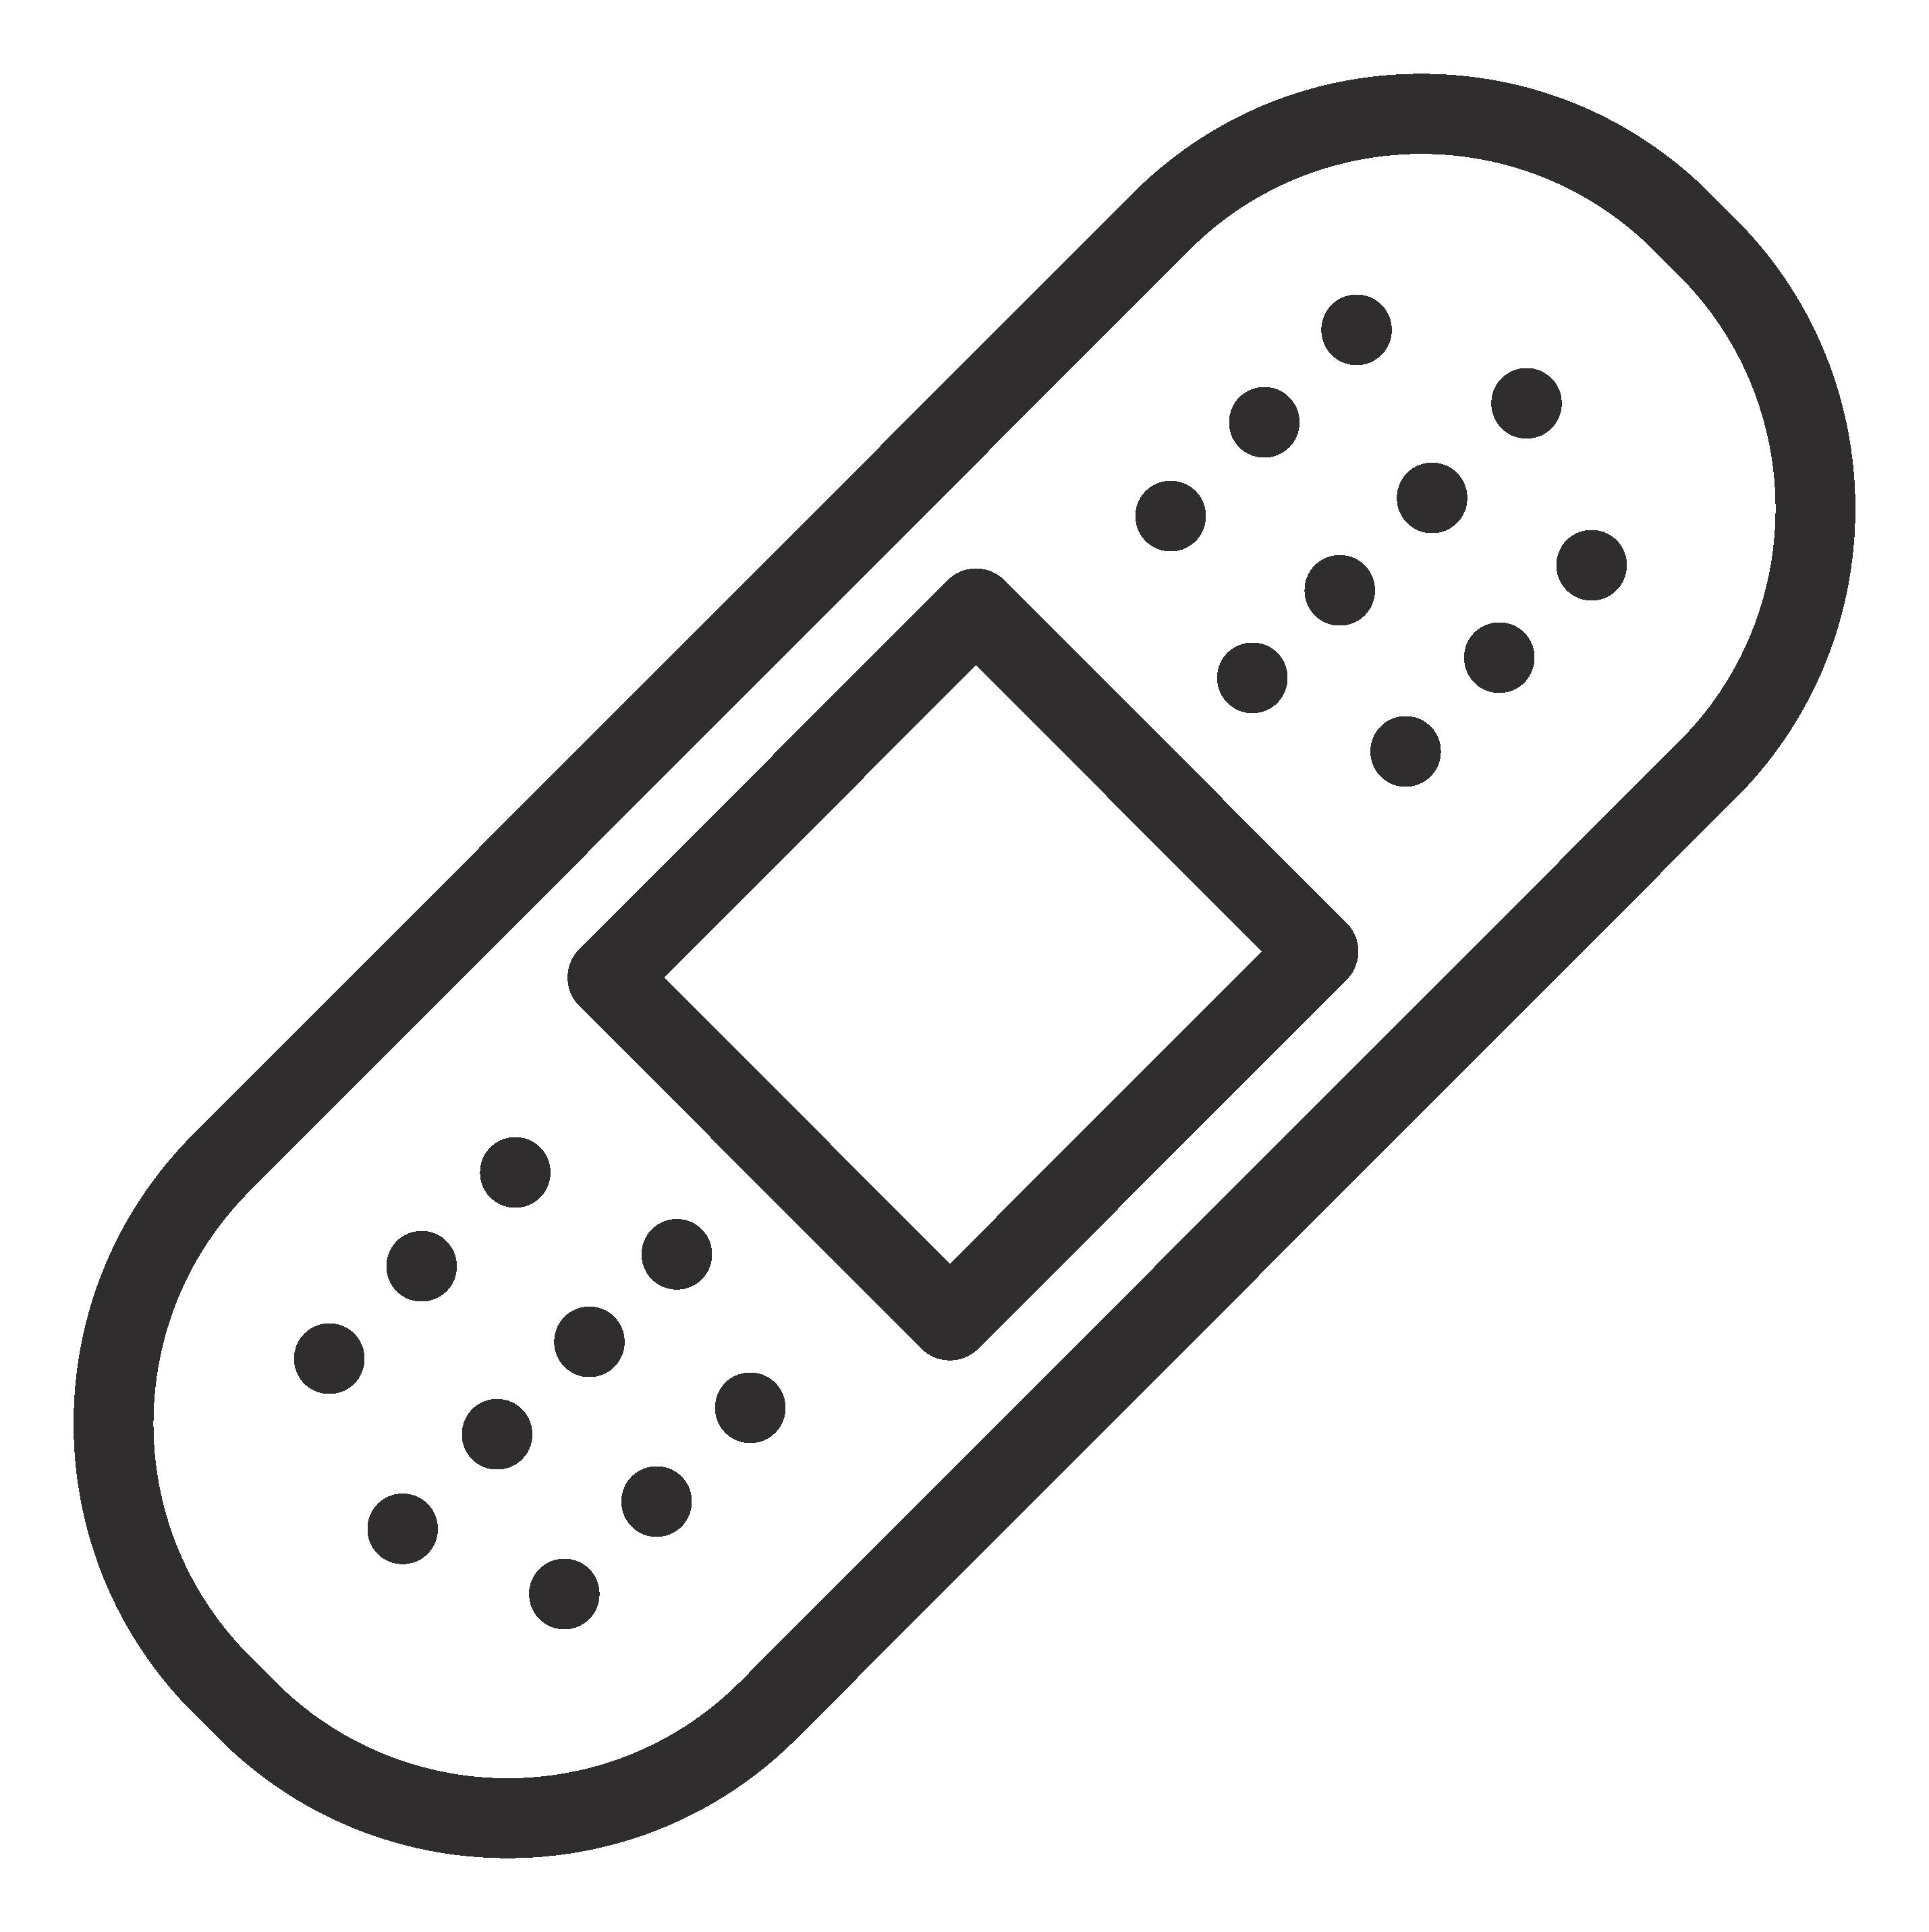 jpg free Bandaid clipart band aid. Adhesive bandage clip art